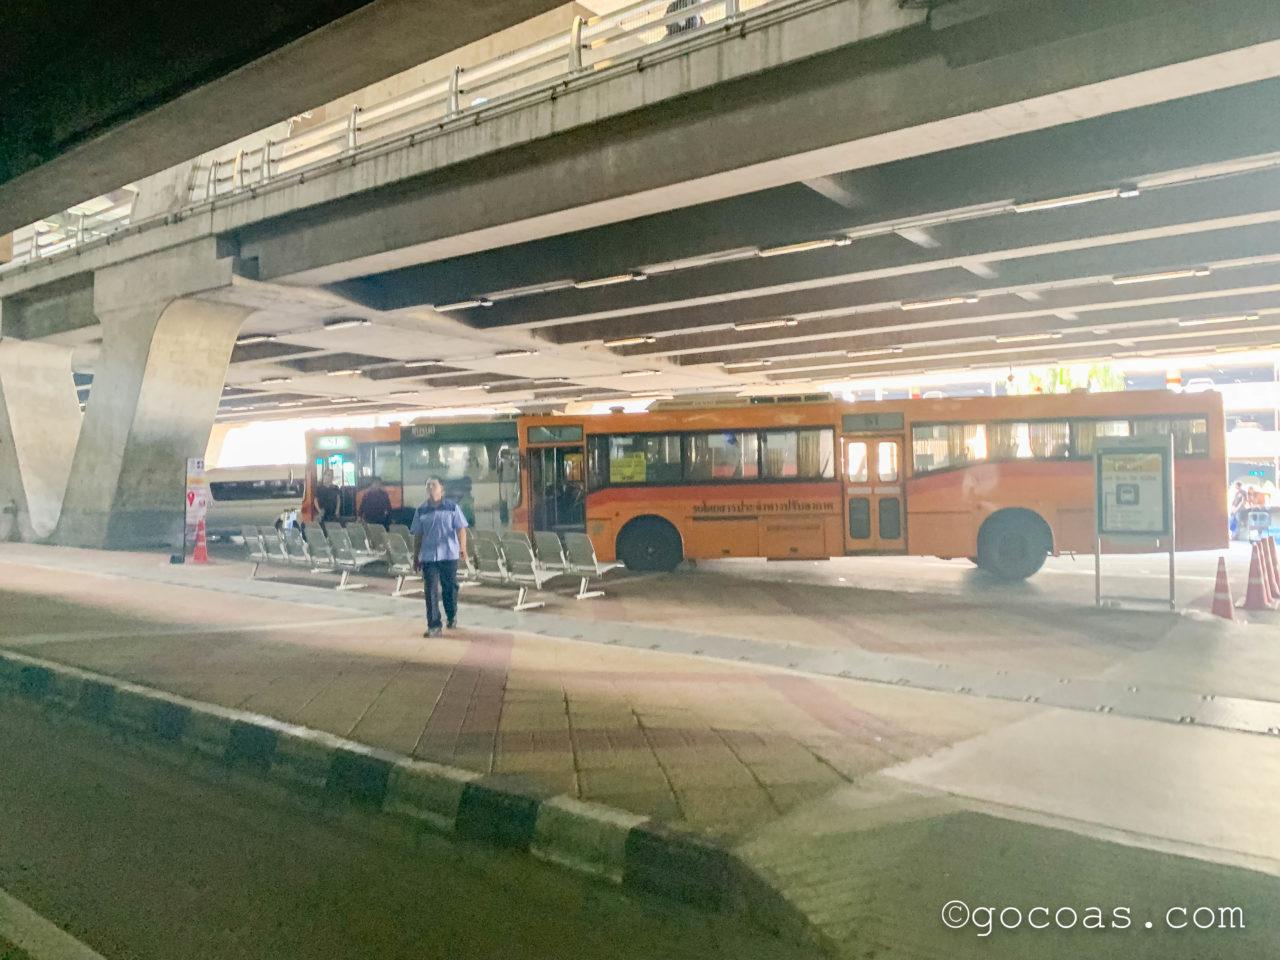 スワンナプーム国際空港のバス乗り場